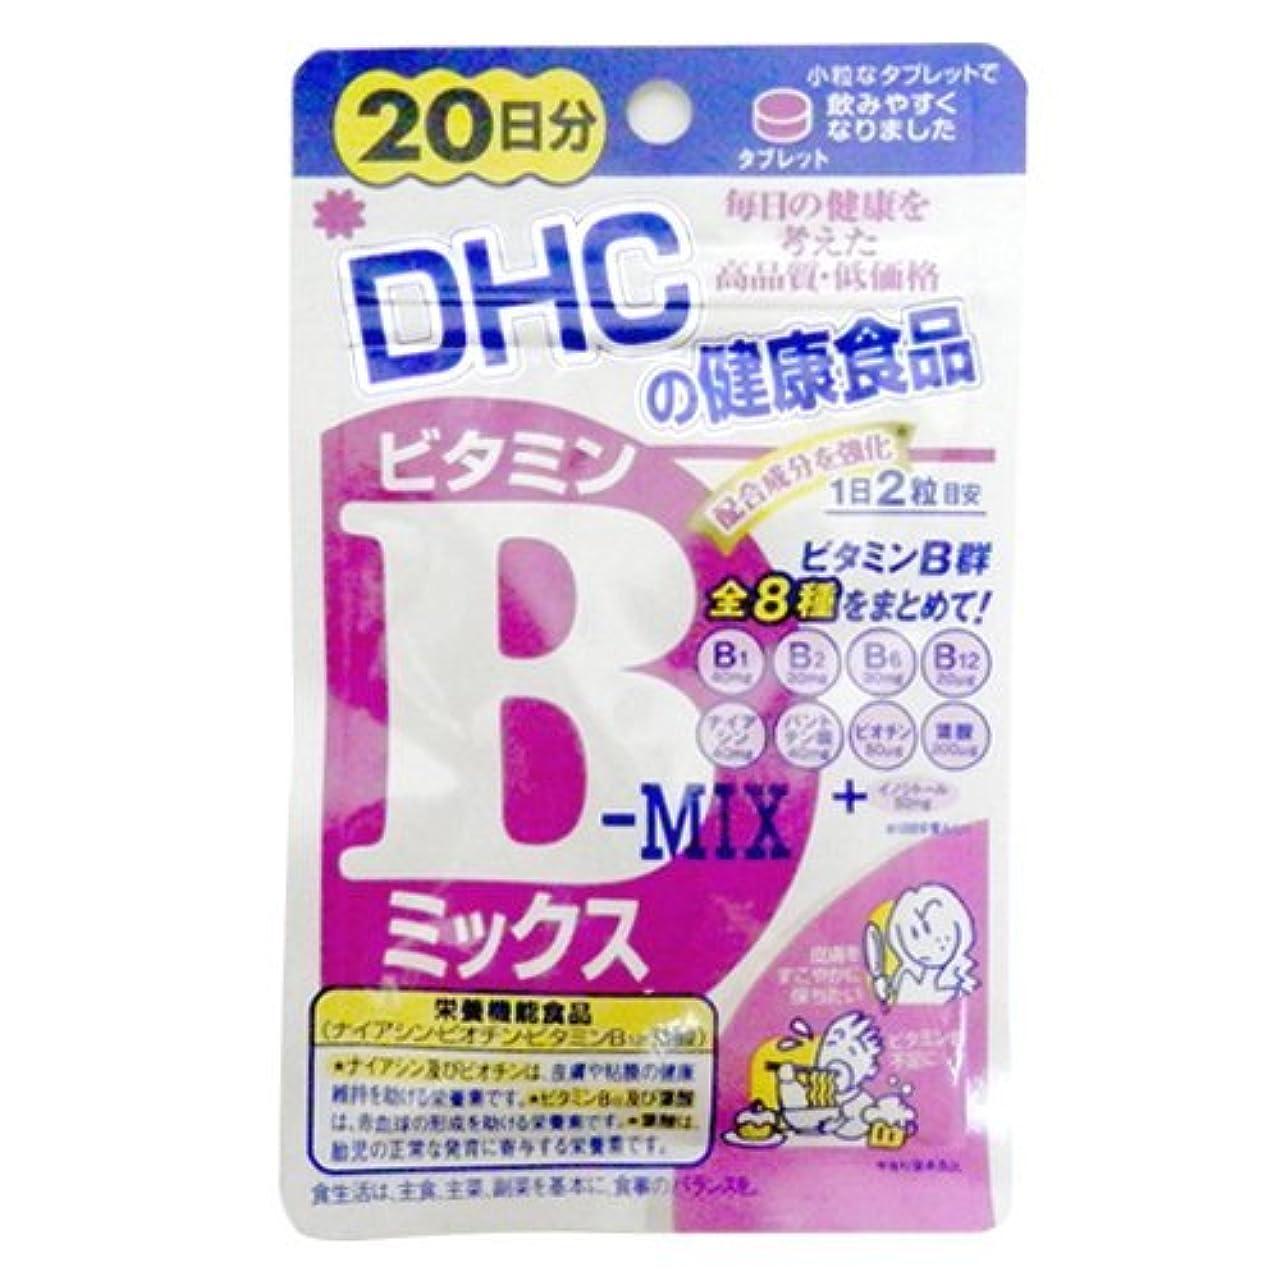 シネマの中でひどくDHC ビタミンBミックス 20日分 40粒